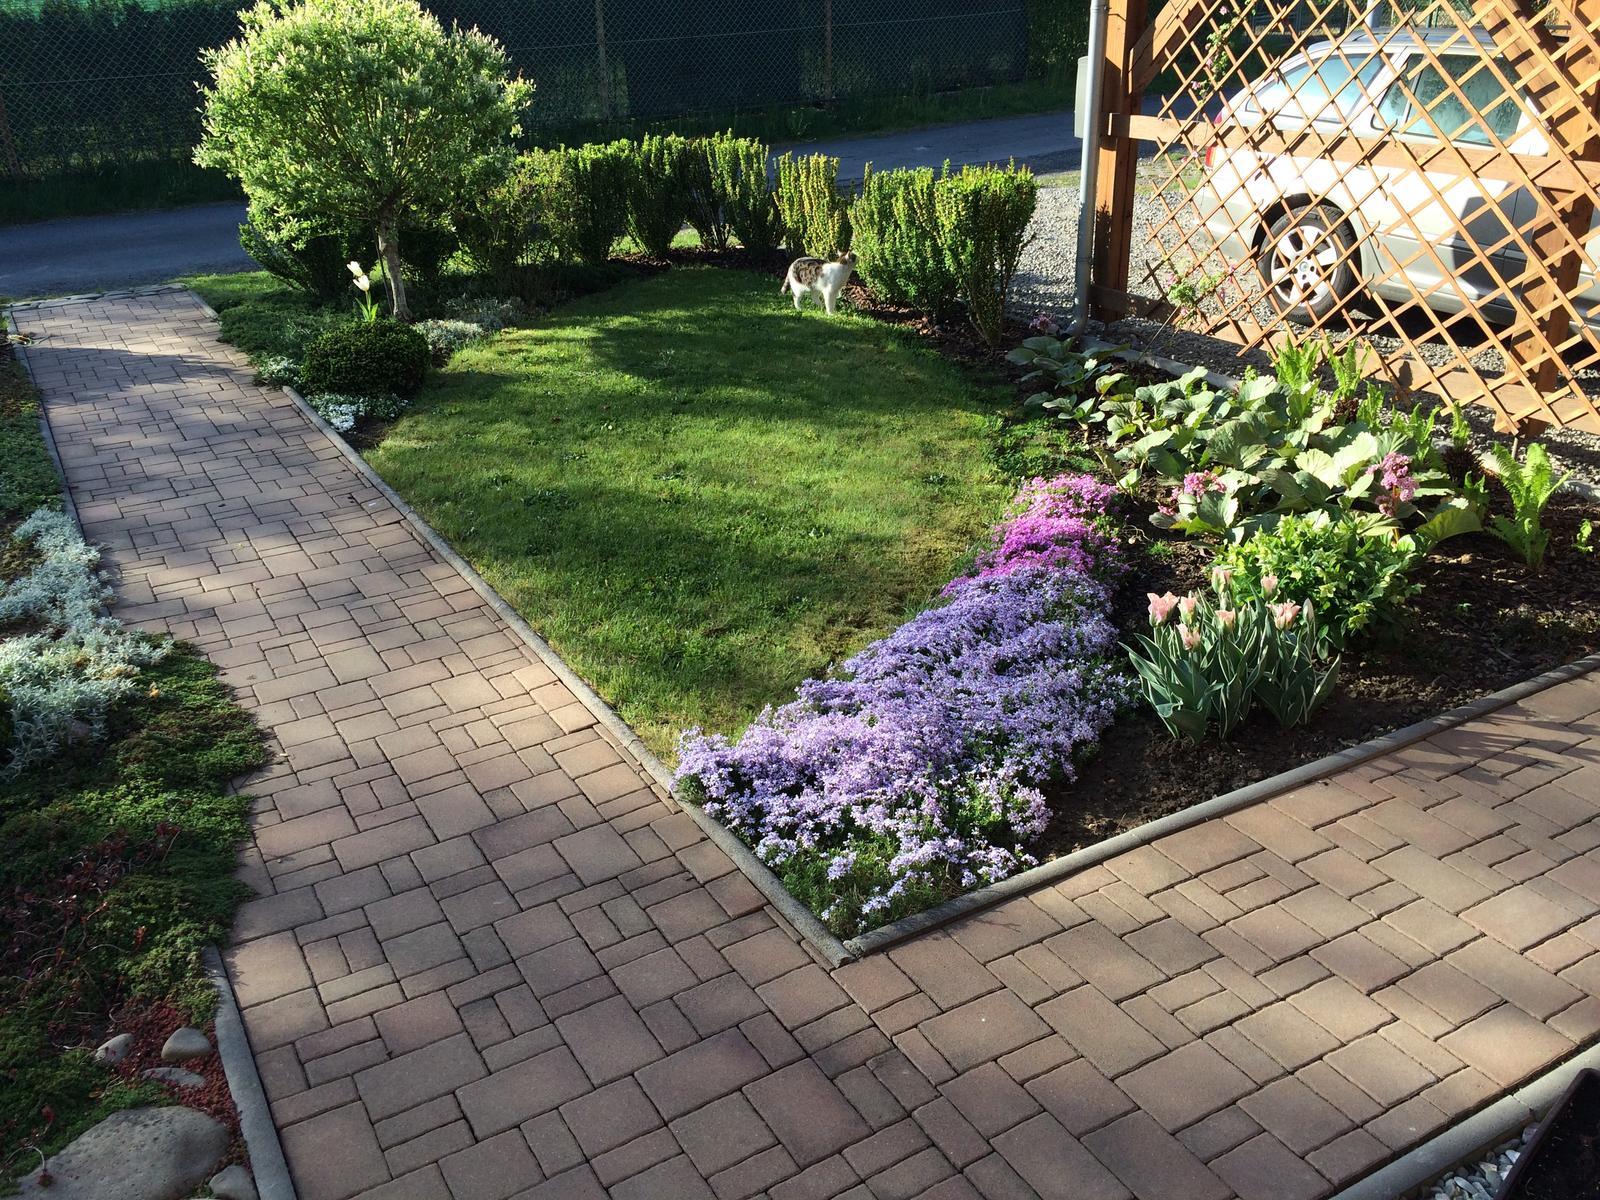 Dům i Zahrada 2019 - Obrázek č. 150